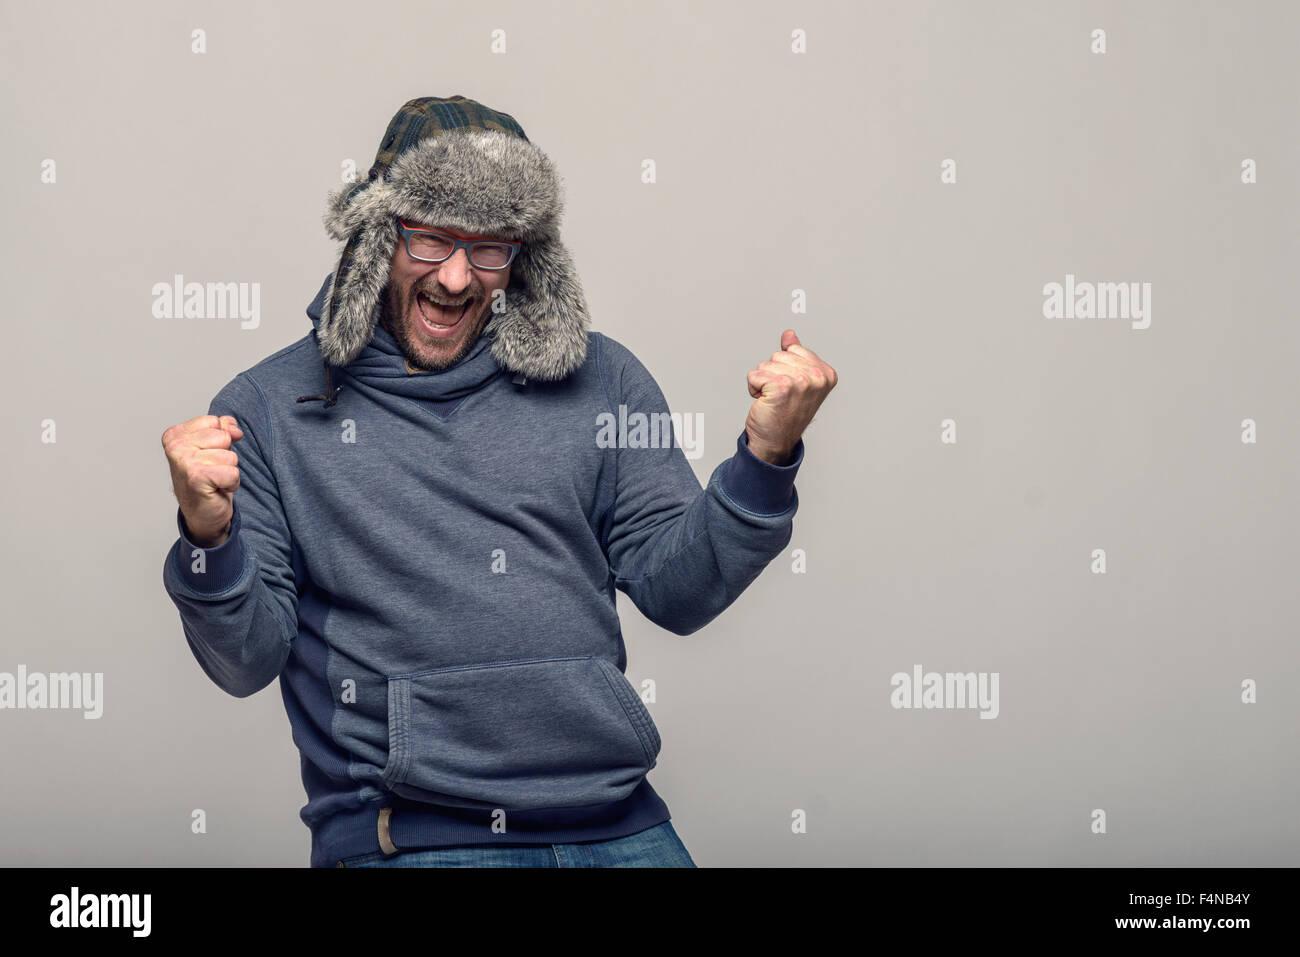 Heureux homme portant des lunettes et un chapeau d'hiver de clameurs et de célébrer son poings serrés dans l'air avec une exaltante expre Banque D'Images